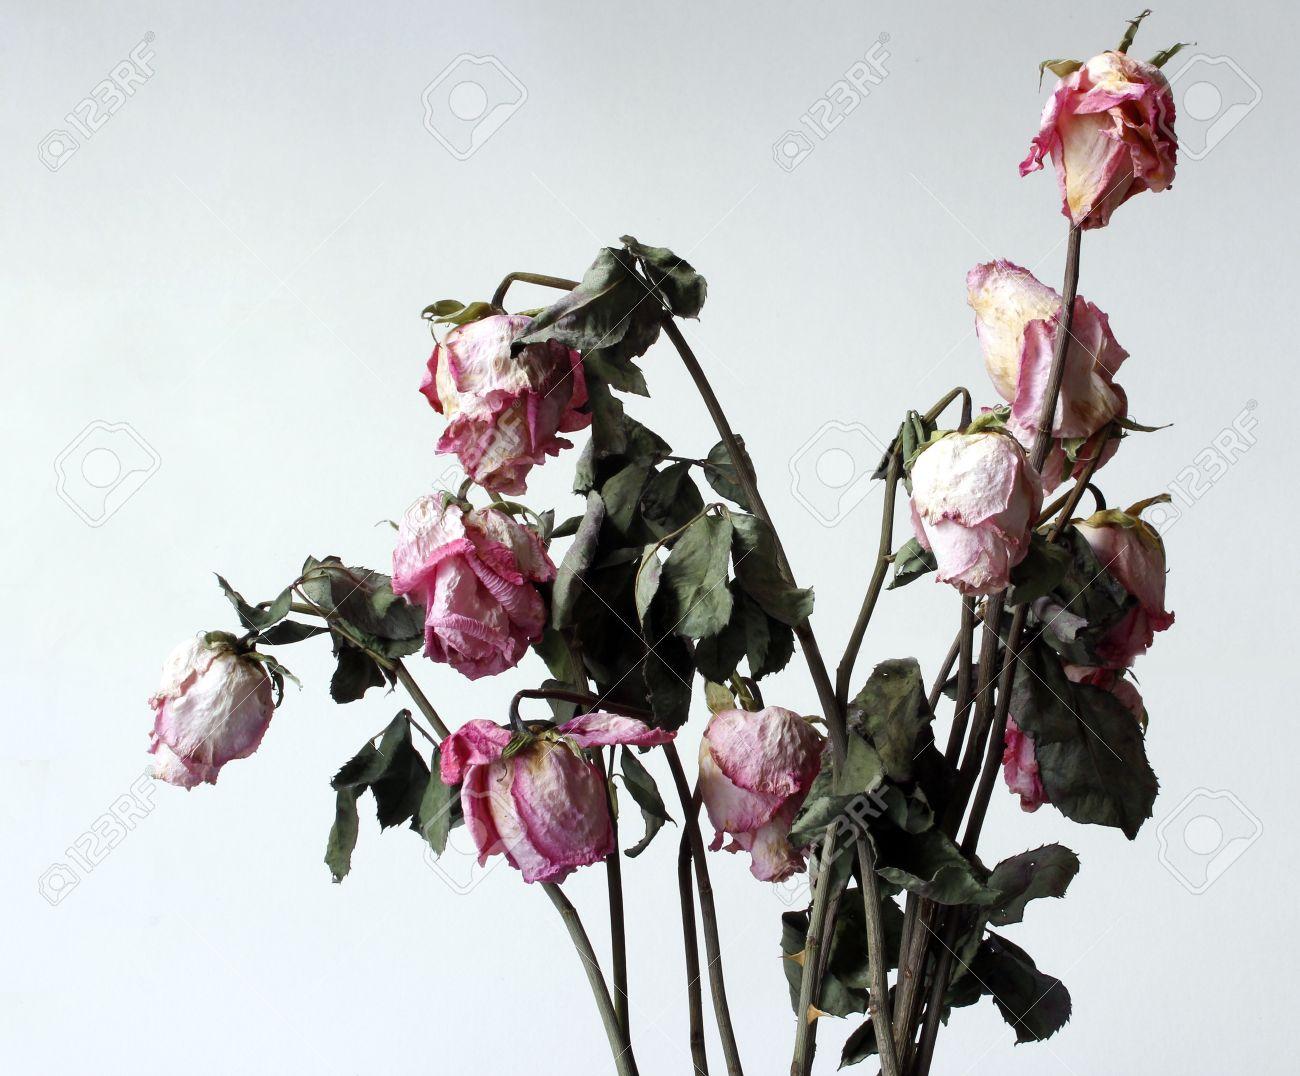 Fleurs Fanees Sechees Dessechees Dans Le Milieu Blanc Banque D